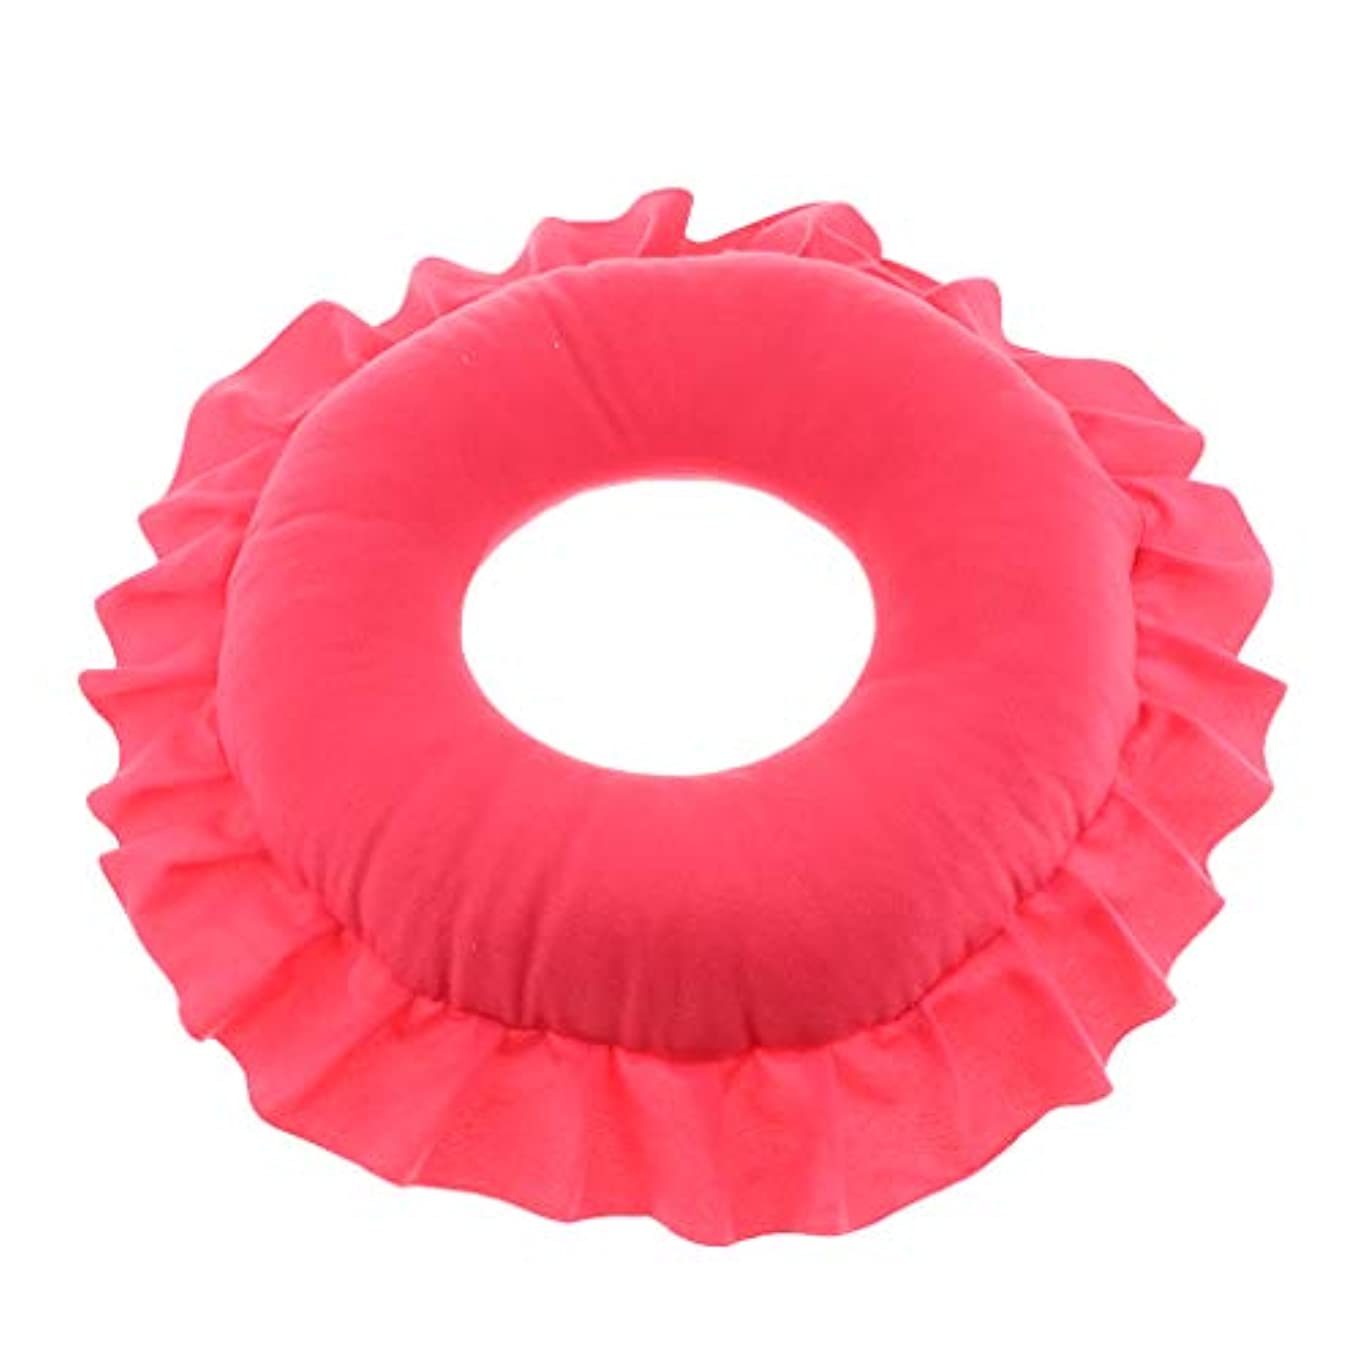 配分経営者愚か全4色 フェイスピロー 顔枕 マッサージピロー クッション 美容院 快適 洗える 実用的 - 赤